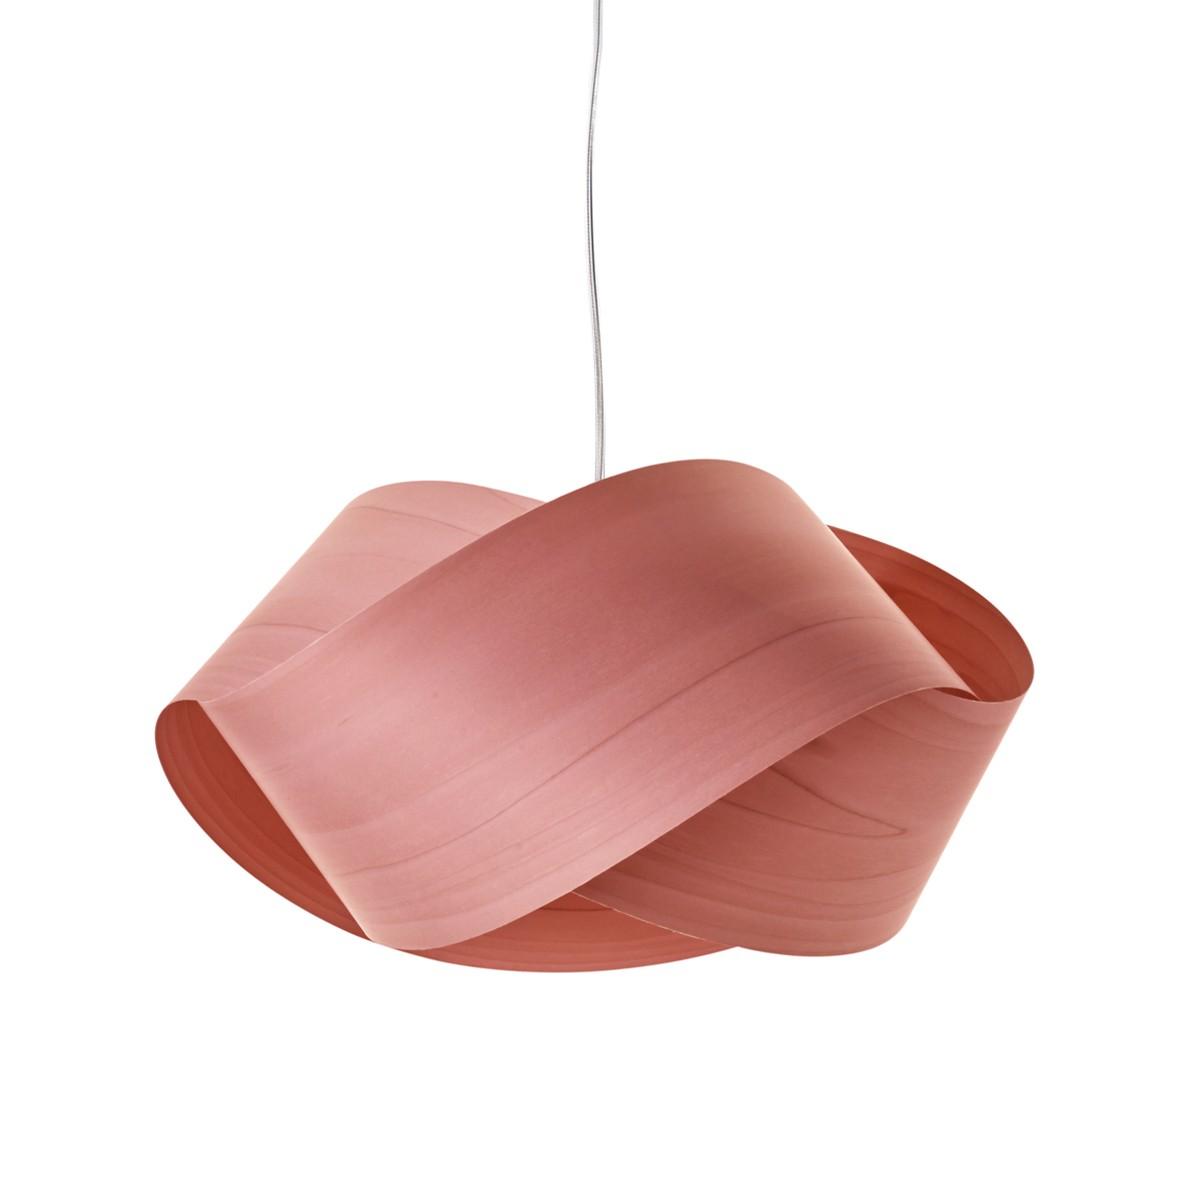 LZF Lamps Nut Pendelleuchte, pink